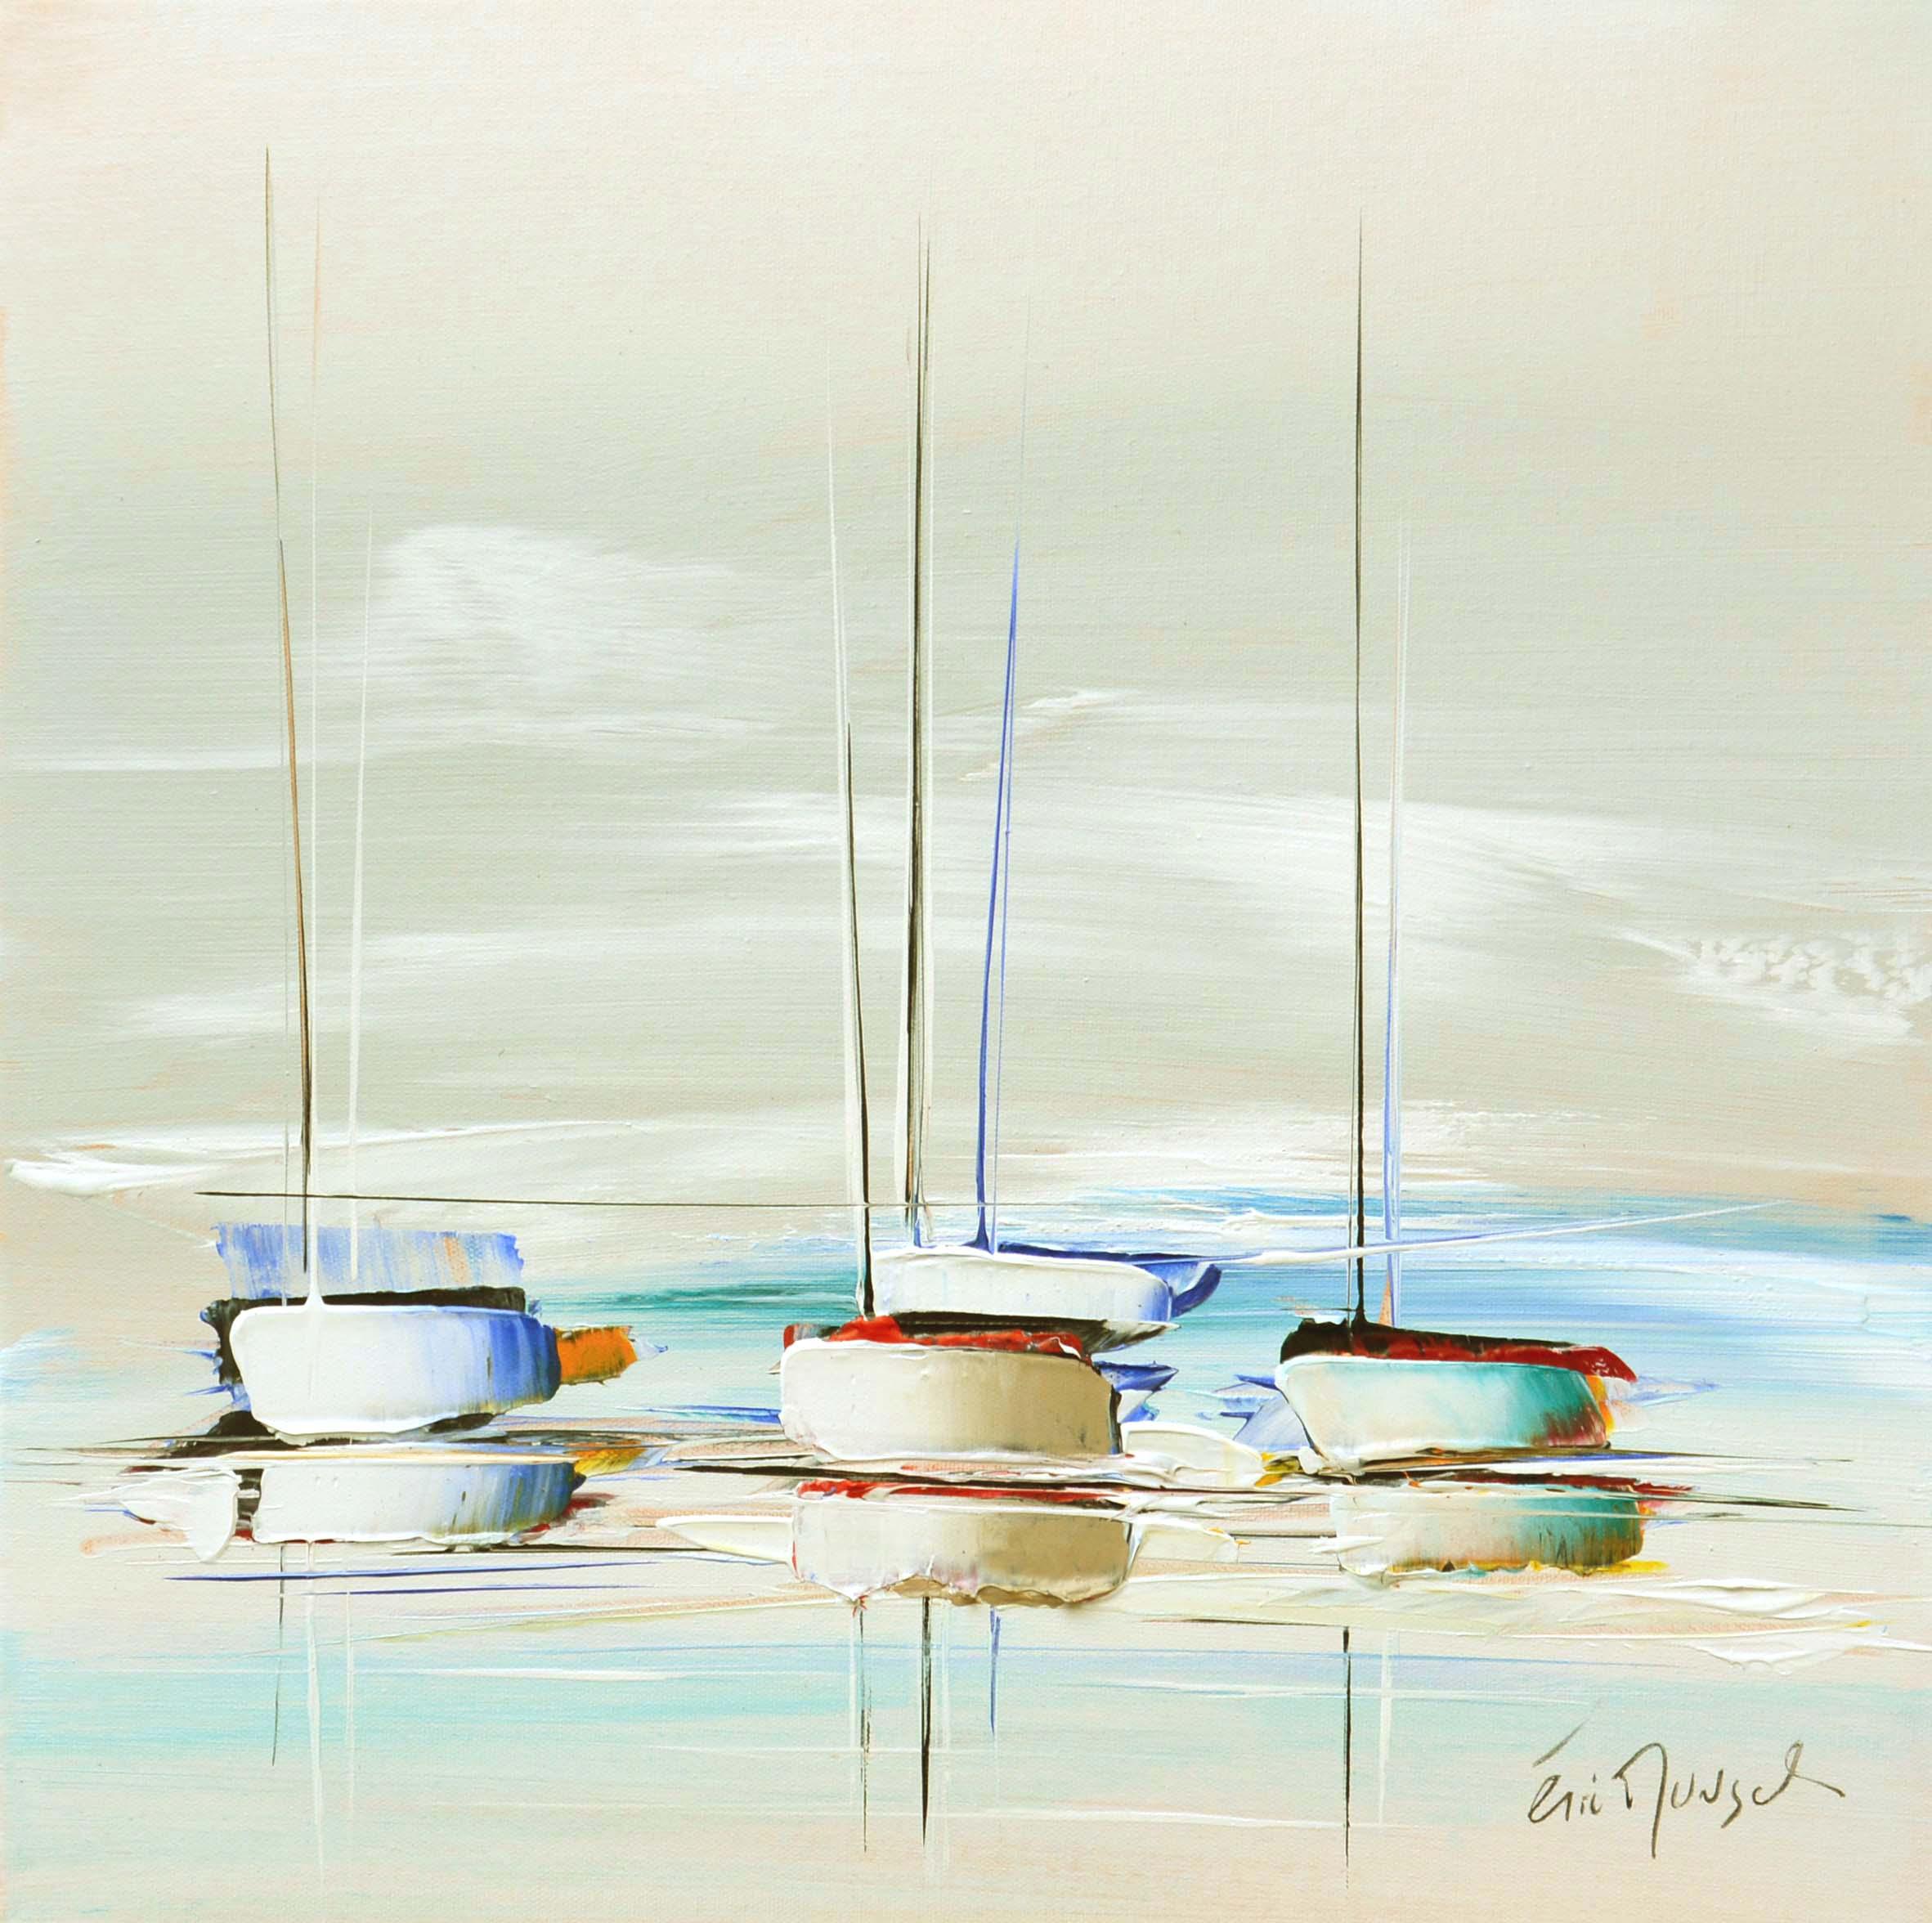 Bout de voyage - Acrylique sur toile - 50x50 cm